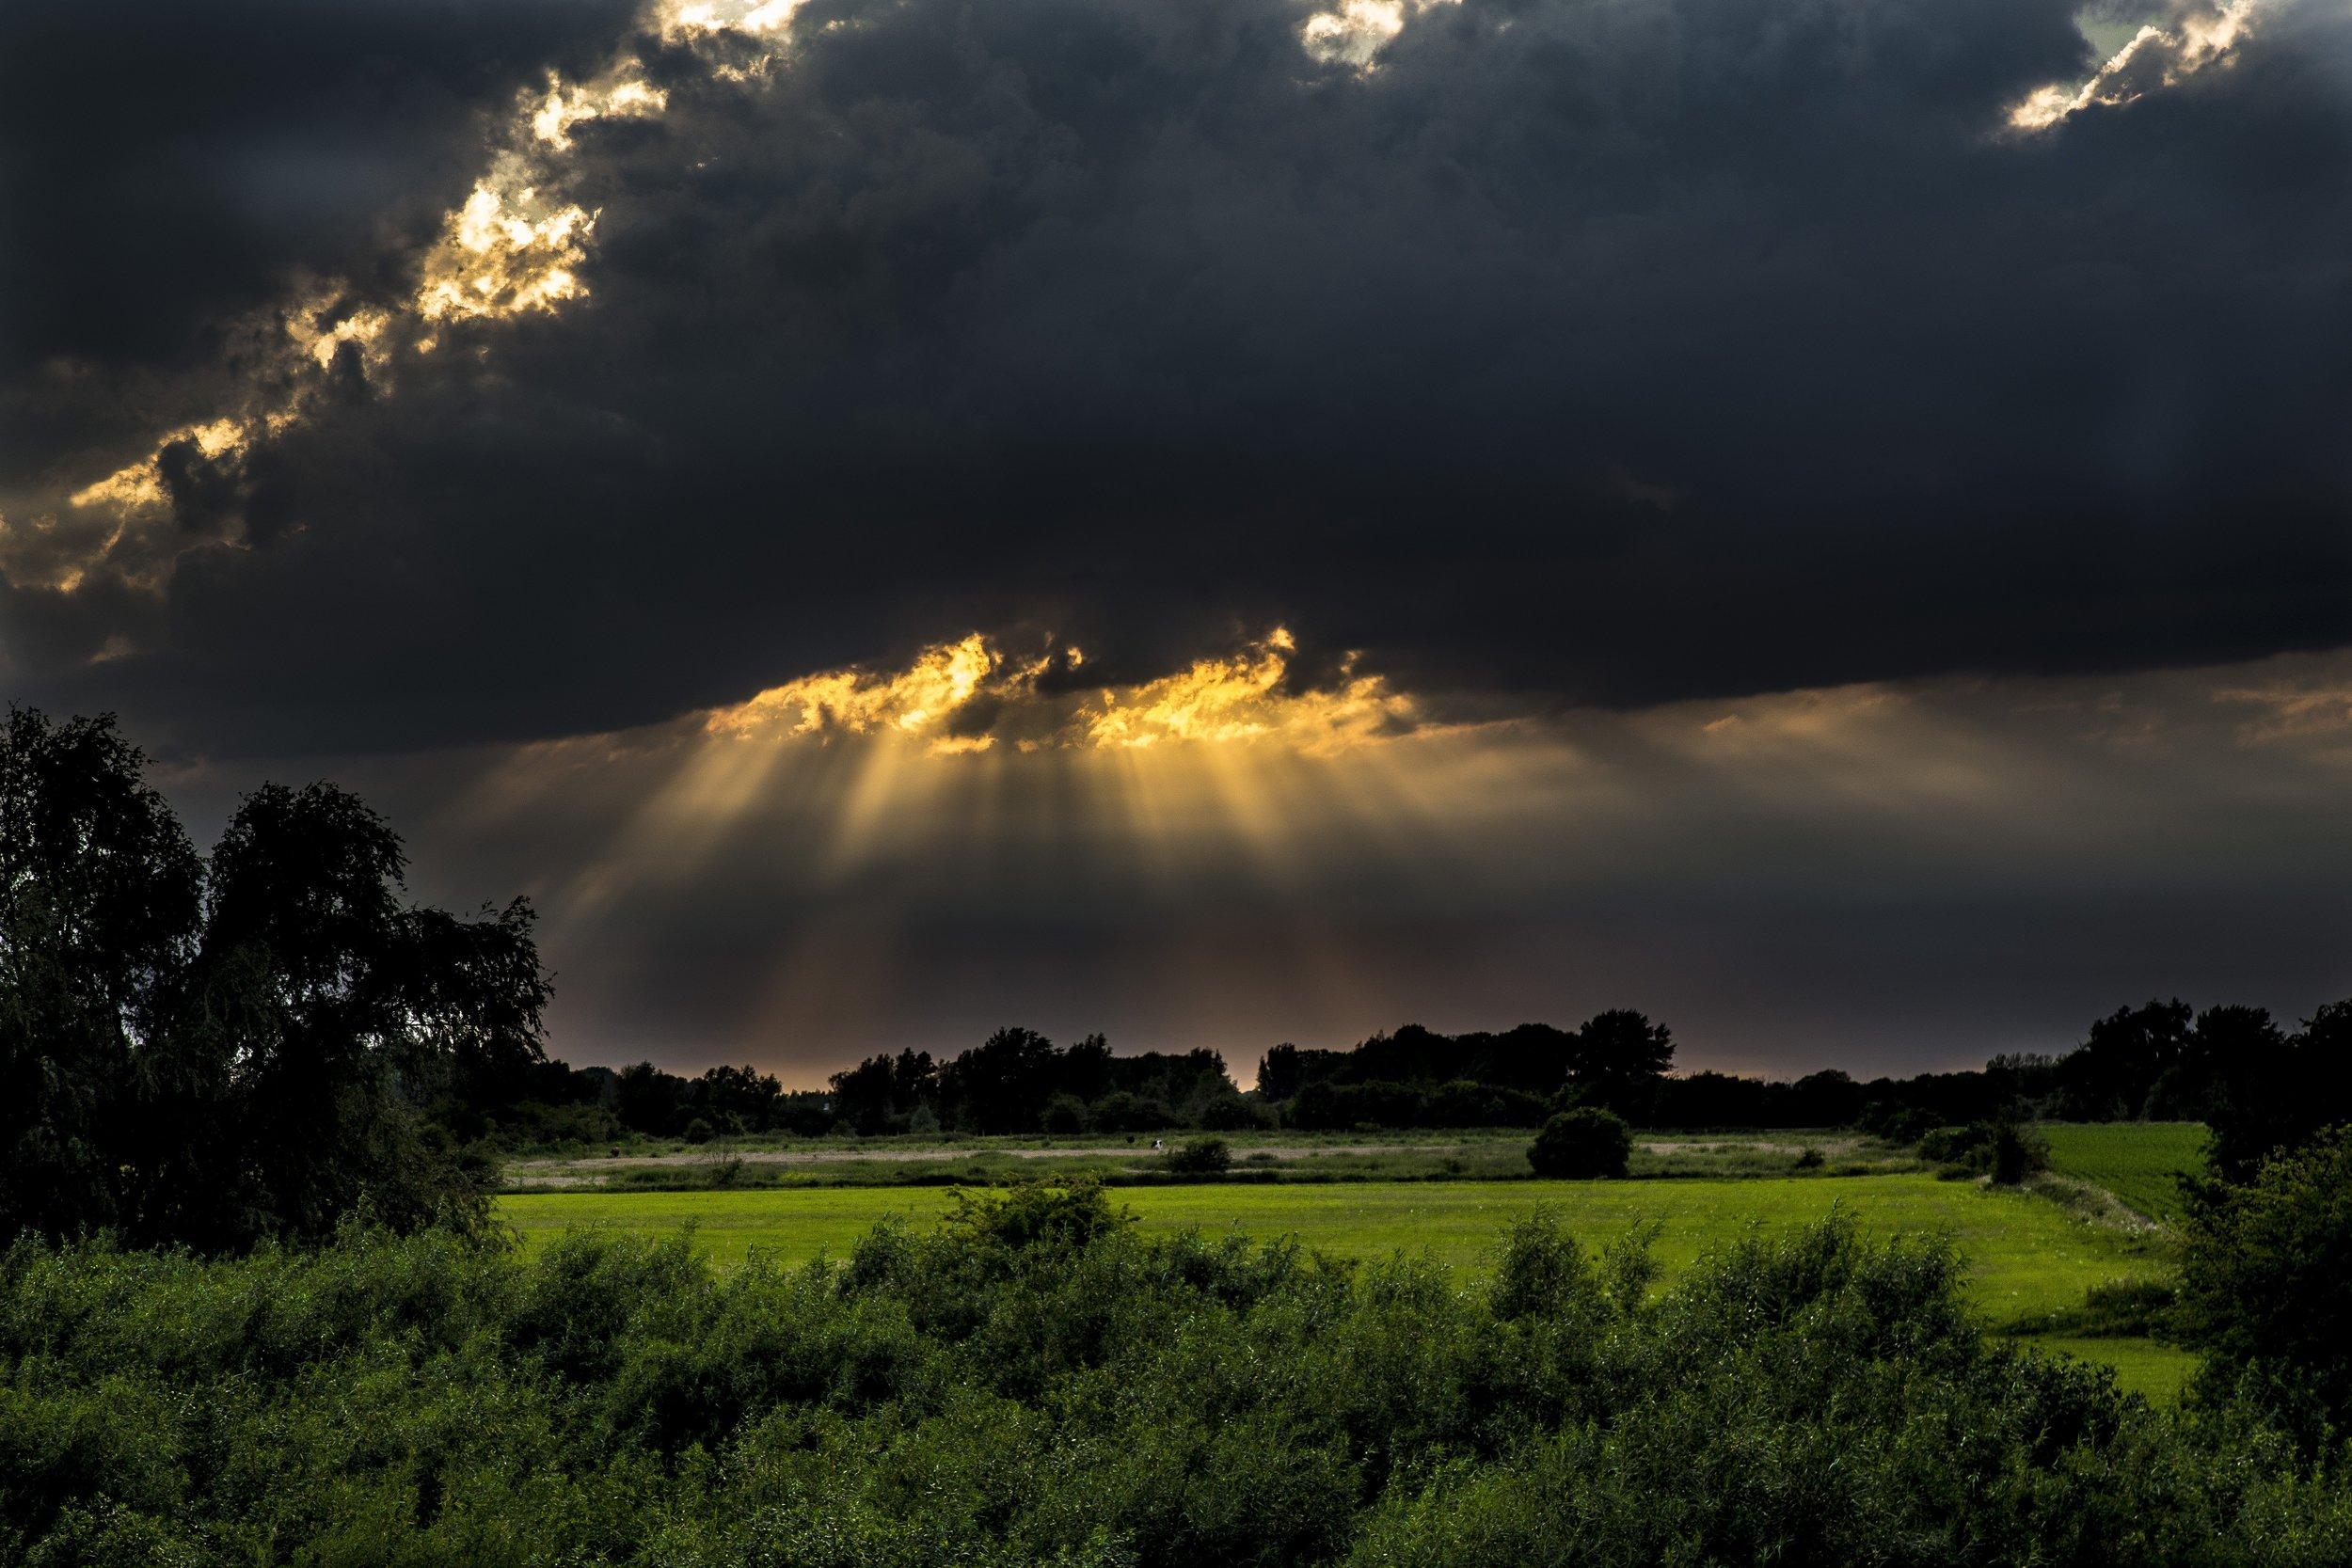 clouds-cropland-farm-533986.jpg